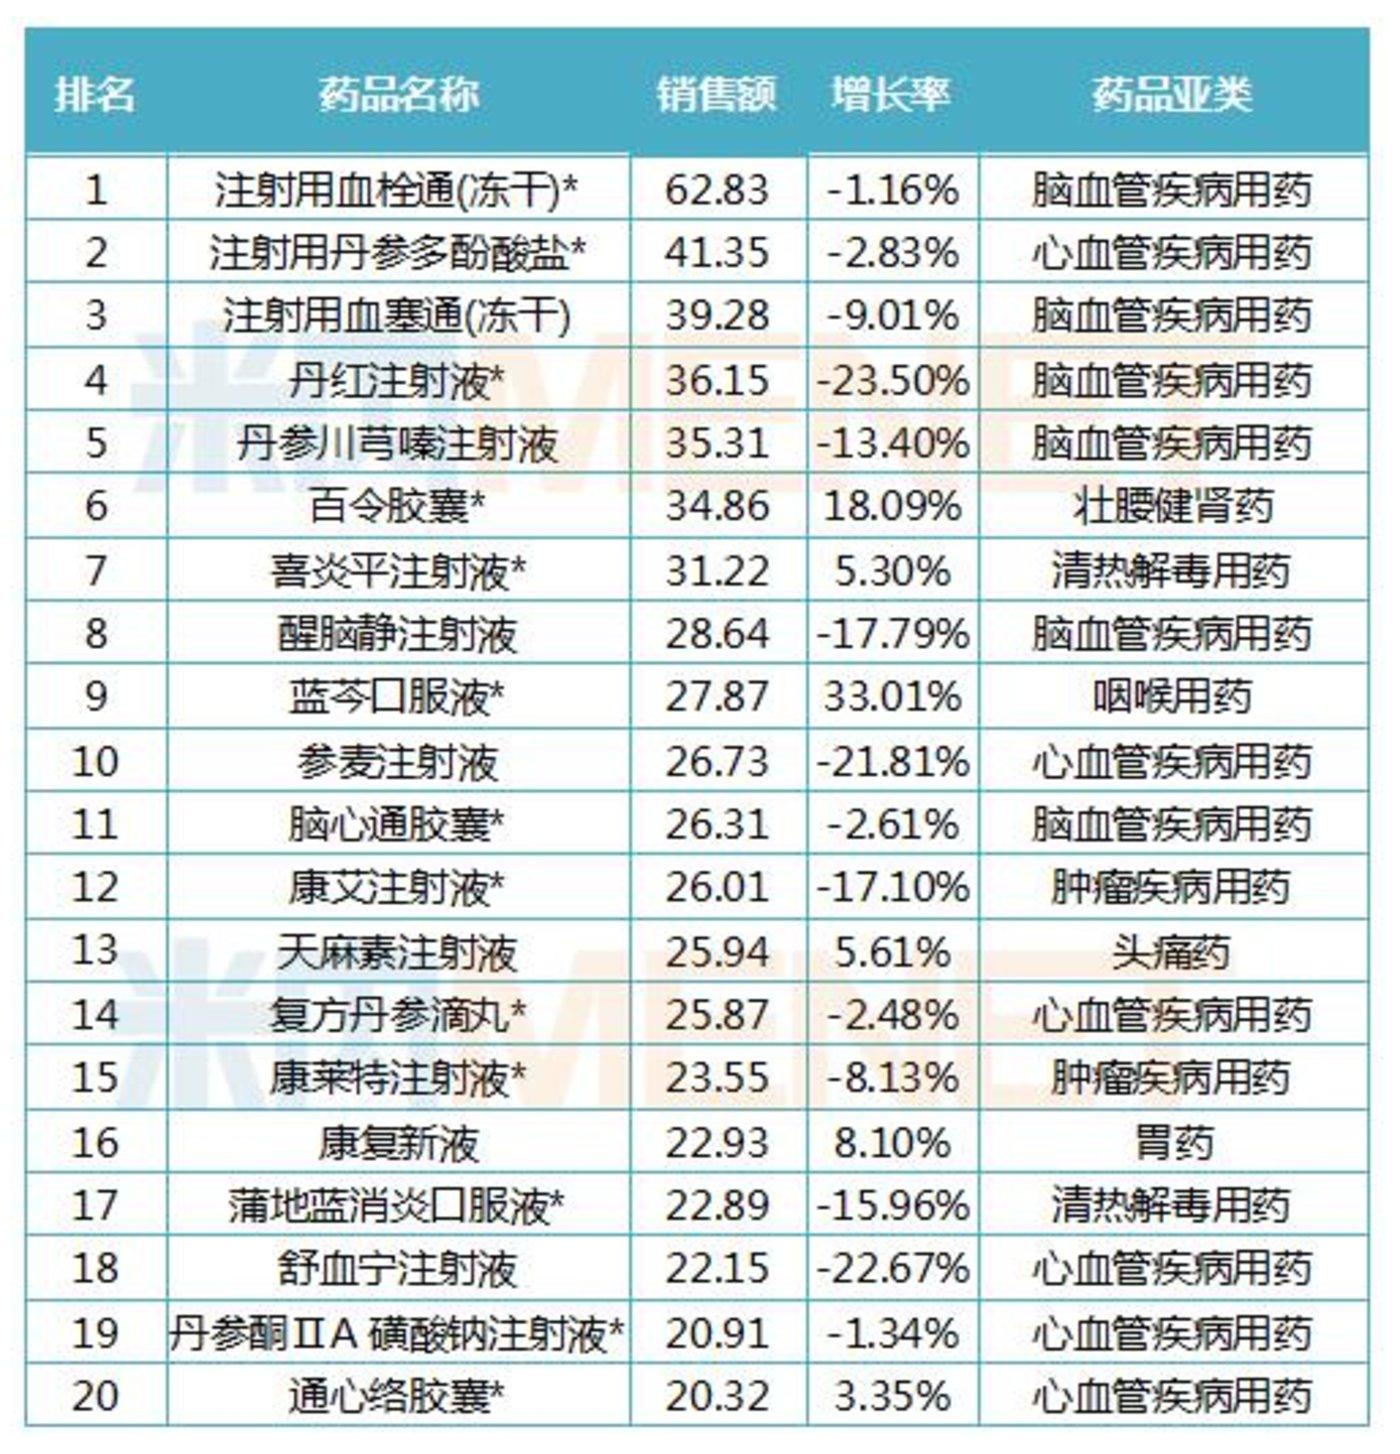 2019年中国公立医疗机构终端中成药产品TOP20榜单(单位:亿元) 数据来源:米内网